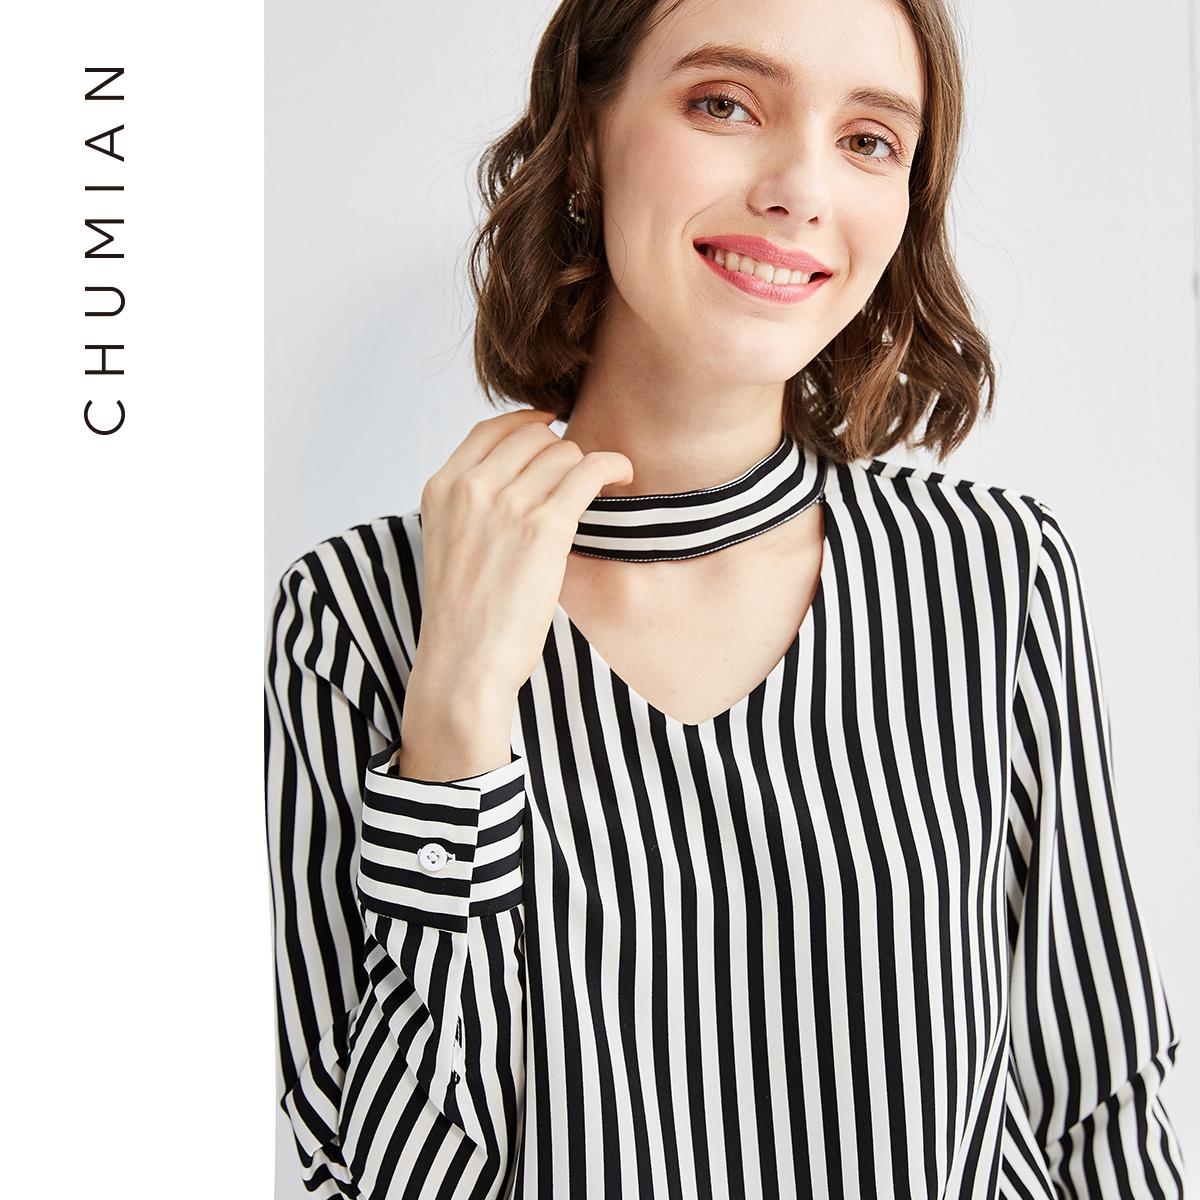 初棉2018春装新款显瘦条纹V领衬衫女套头颈部飘带蝴蝶结套头衬衣